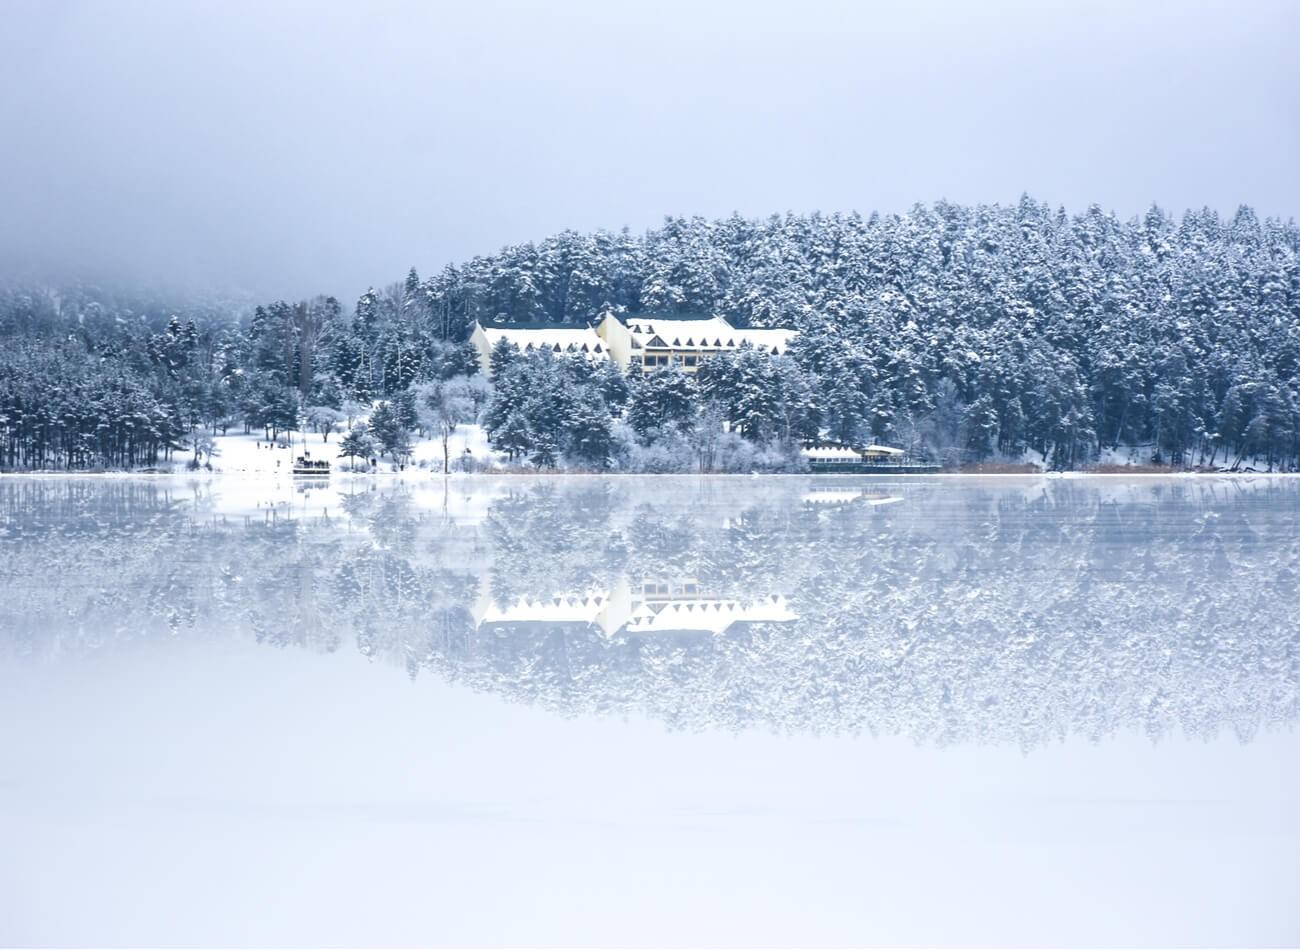 BOLU - ABANT GÖLÜ / Abant Gölü, dün de bugün de gözdelerimizden. Hem İstanbul'a hem de Ankara'ya yakınlığı ile sene boyunca sıkça ziyaret edilen bölge, görsel şölen sunan küçük patikaları ve buz tutan gölü sayesinde şahane güzellikteki manzaralara sahip.